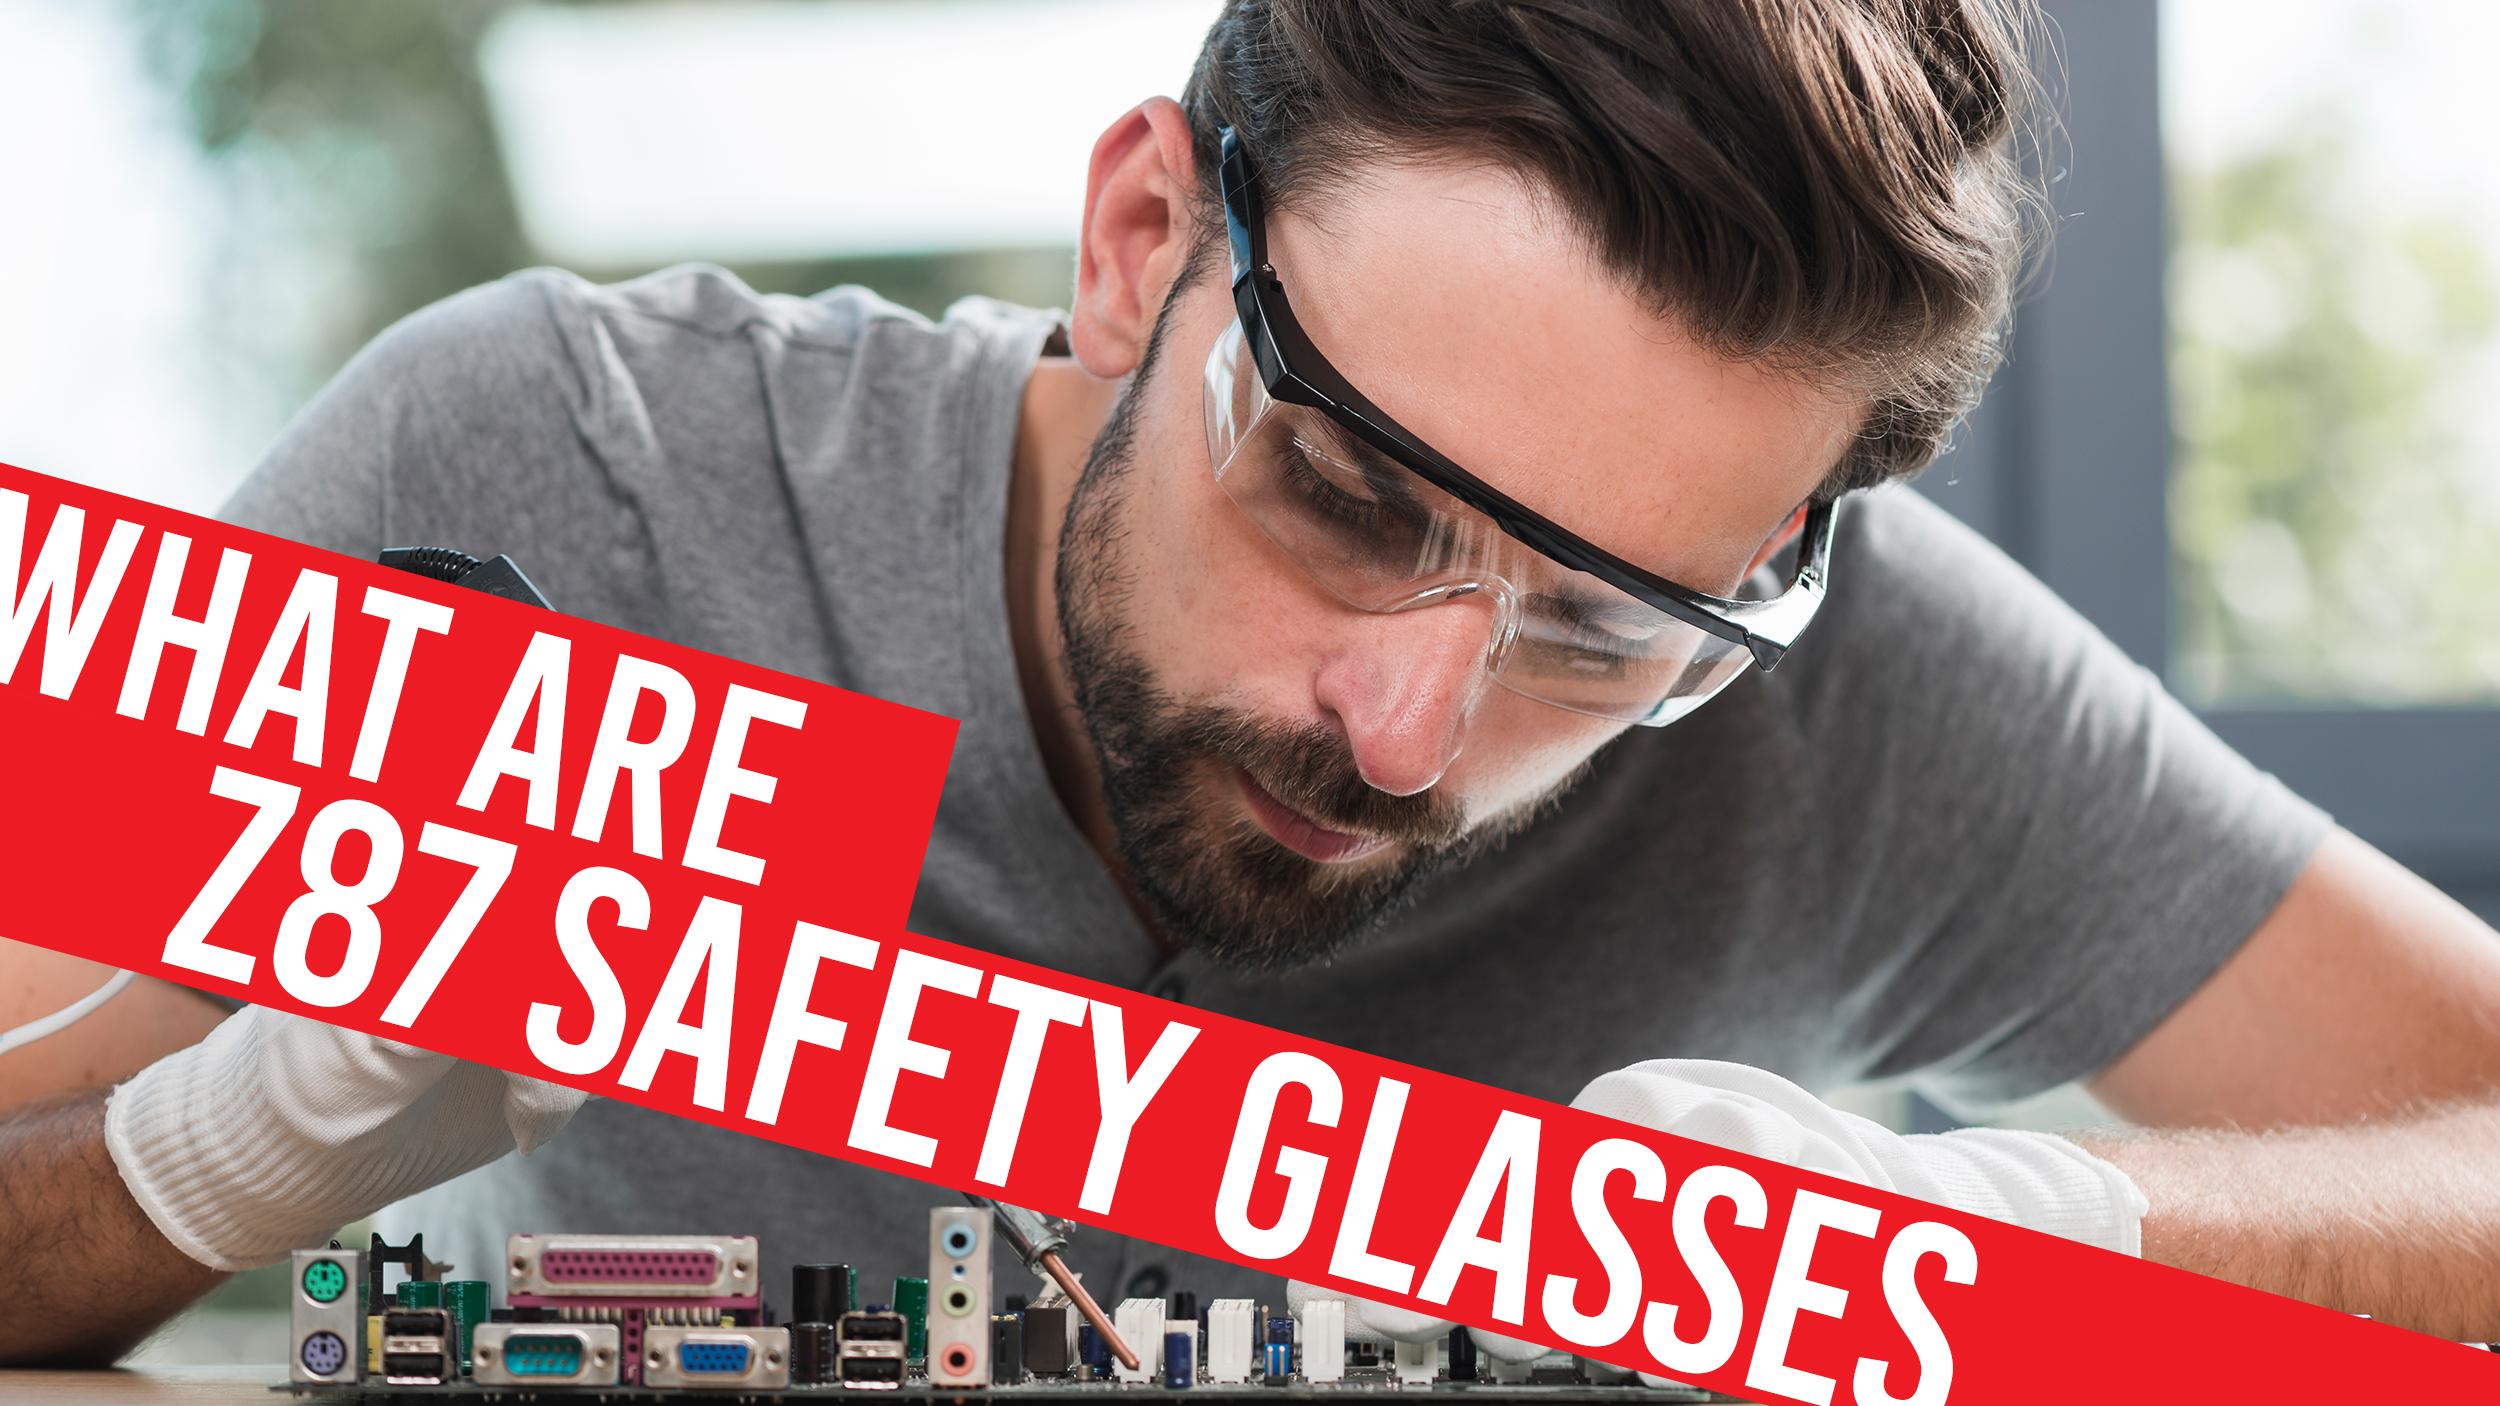 man in Z87 safety glasses